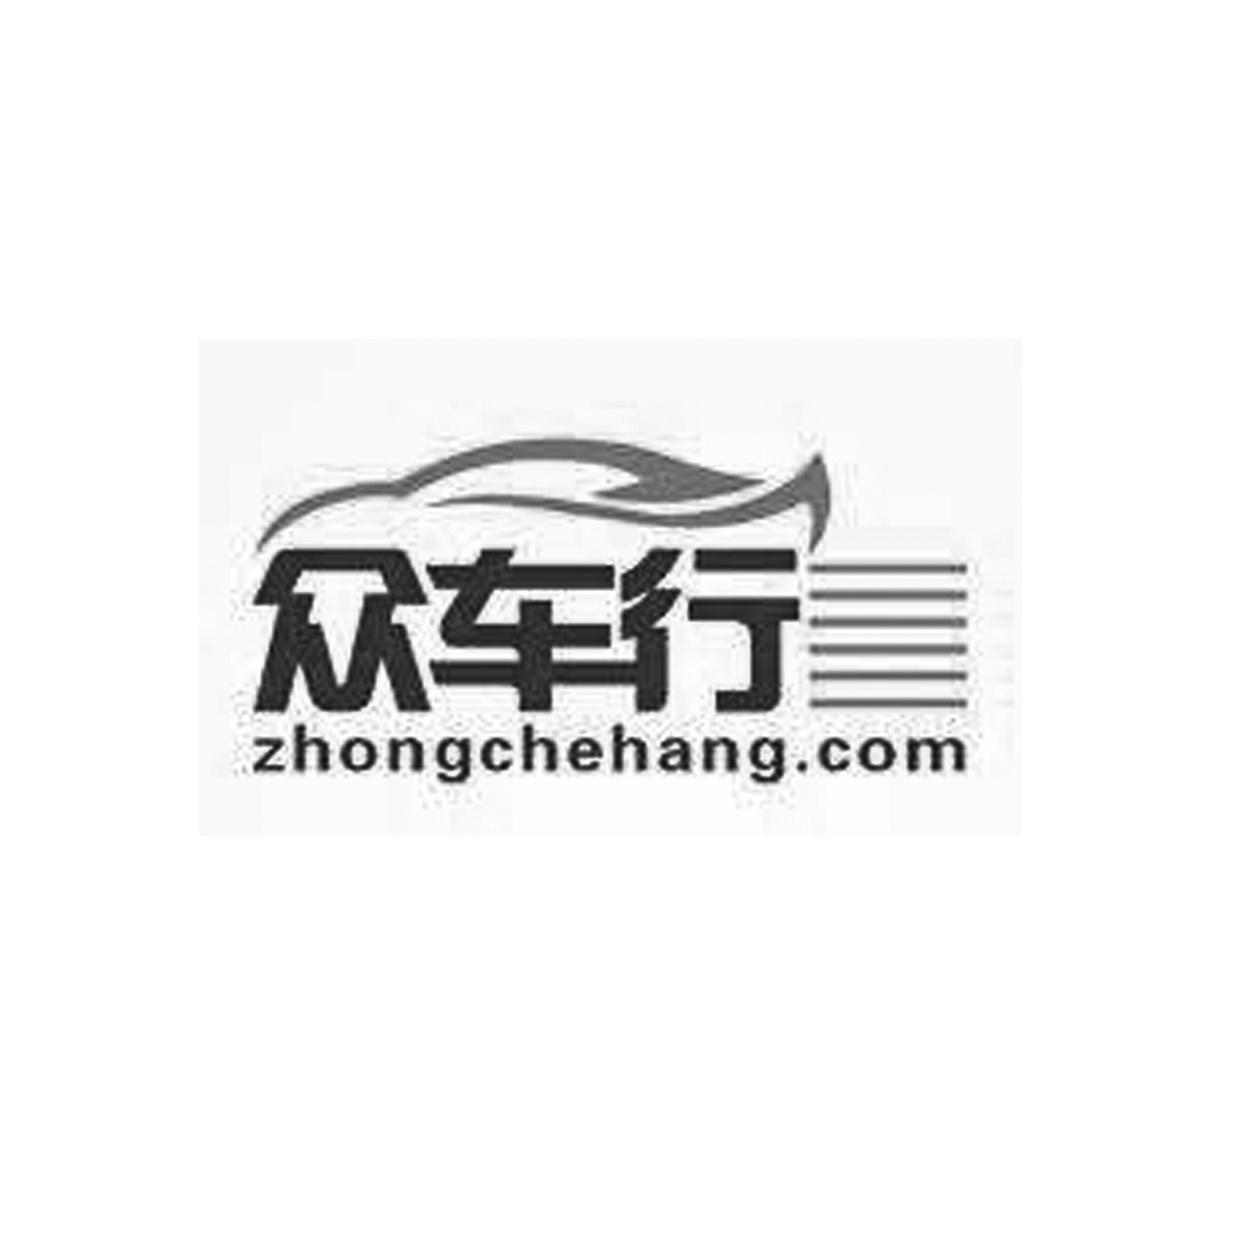 logo logo 标志 设计 矢量 矢量图 素材 图标 1260_1260图片